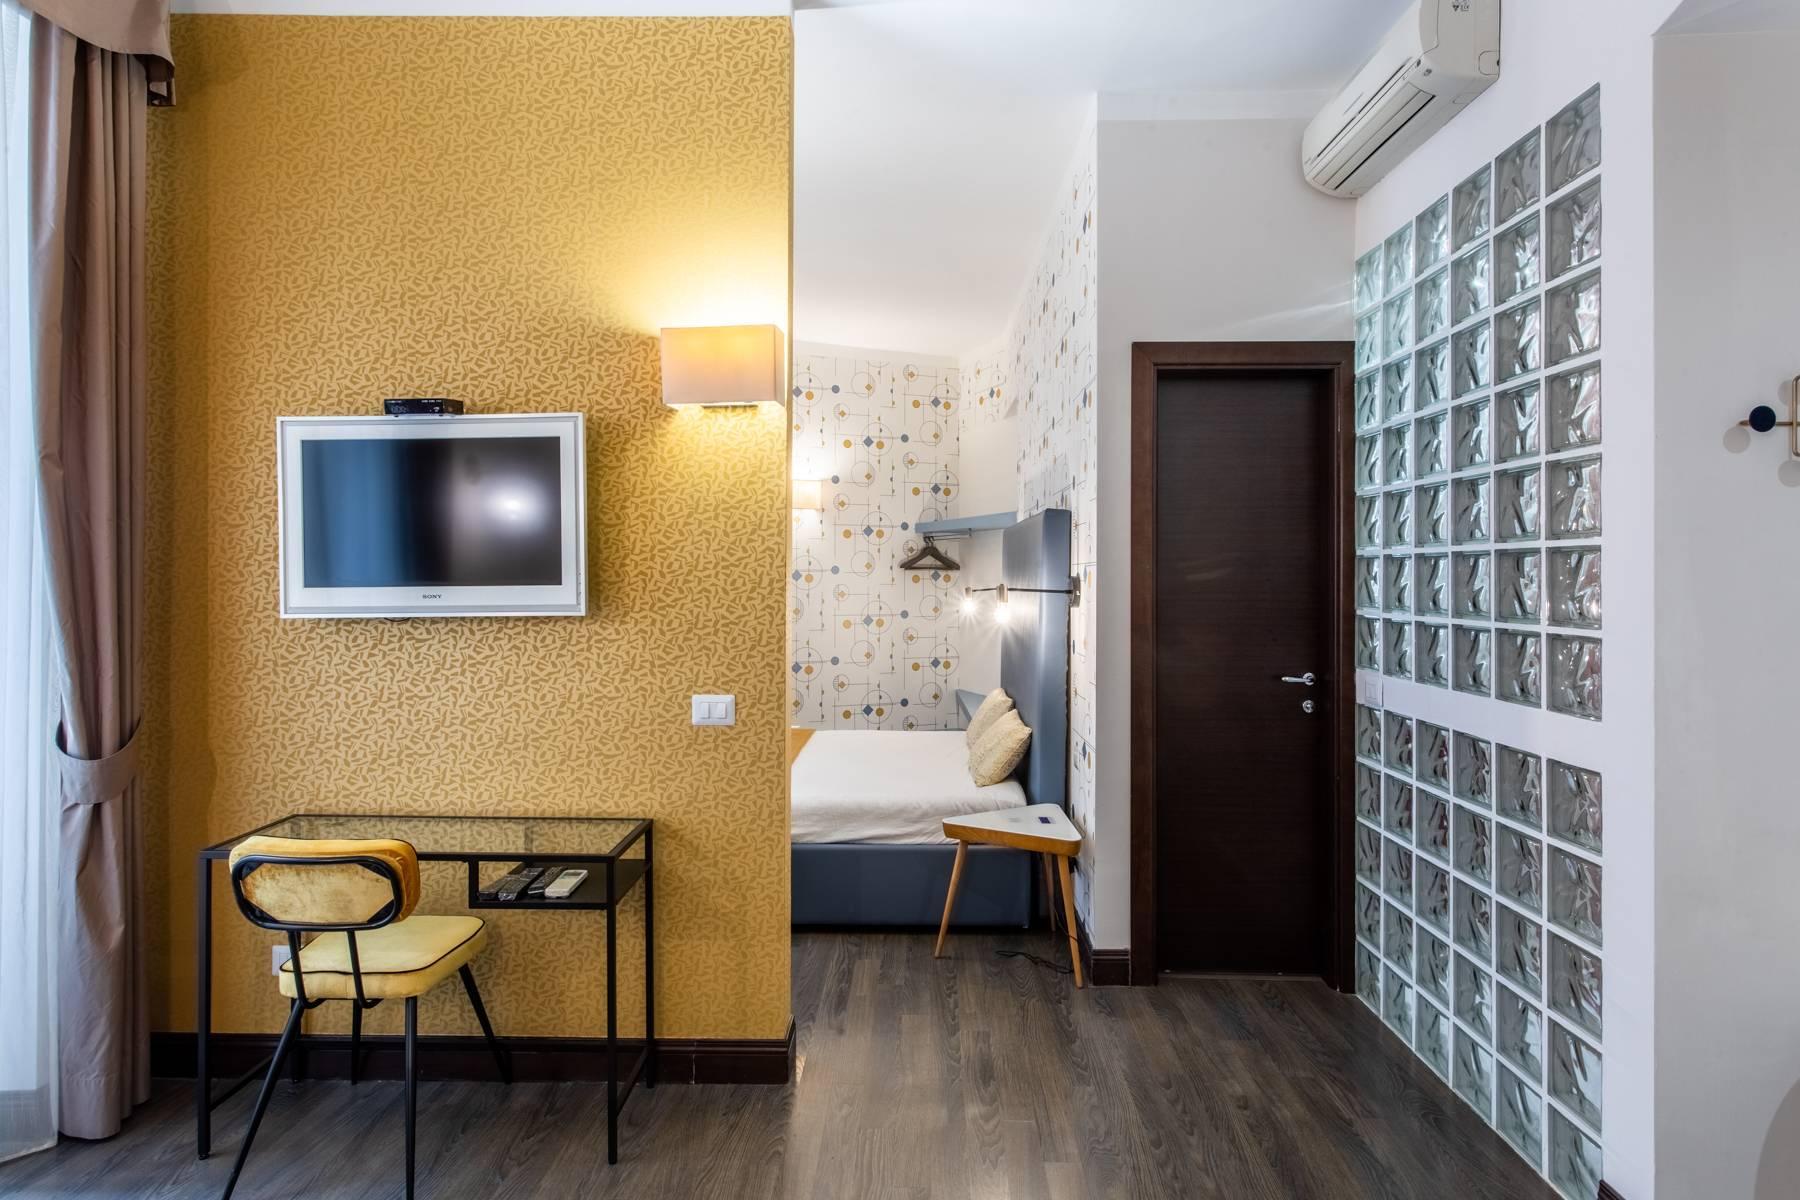 Appartamento dal design moderno a pochi passi da piazza del Popolo - 10